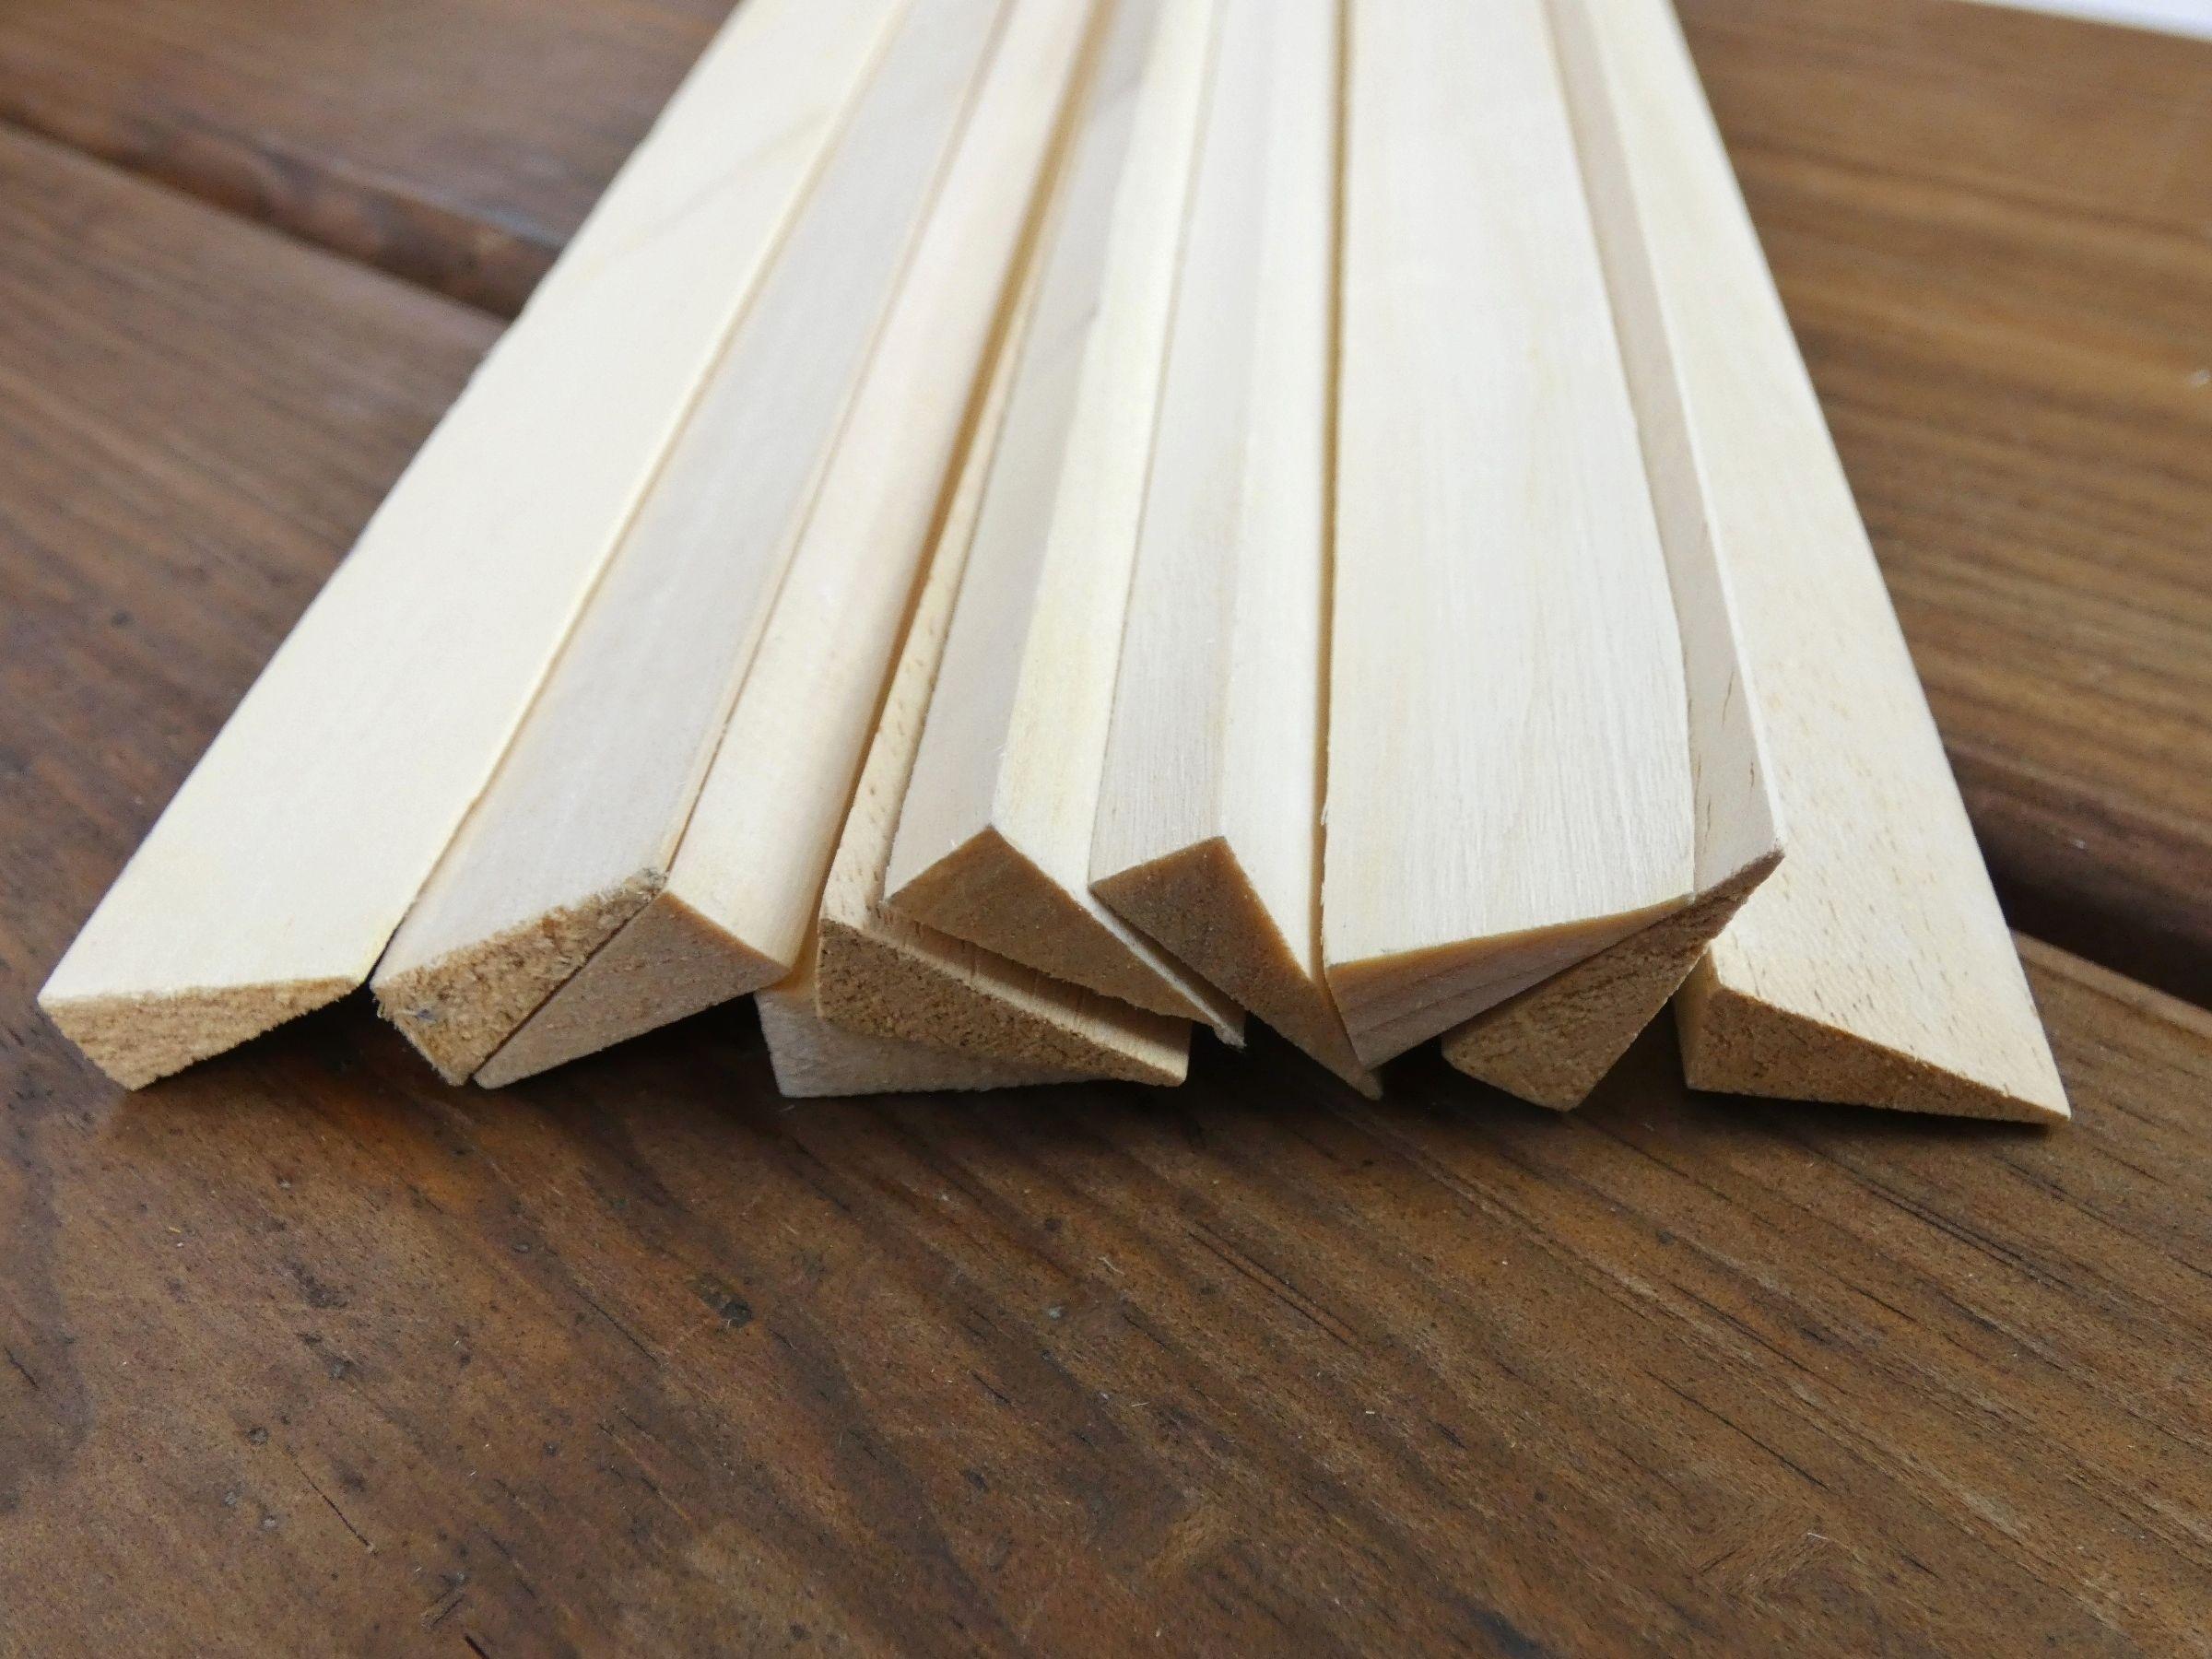 Pin Von Holz Stahlhandel H Schenk Gm Auf Hobby Und Bastelbedarf B Ware Holzleisten Holz